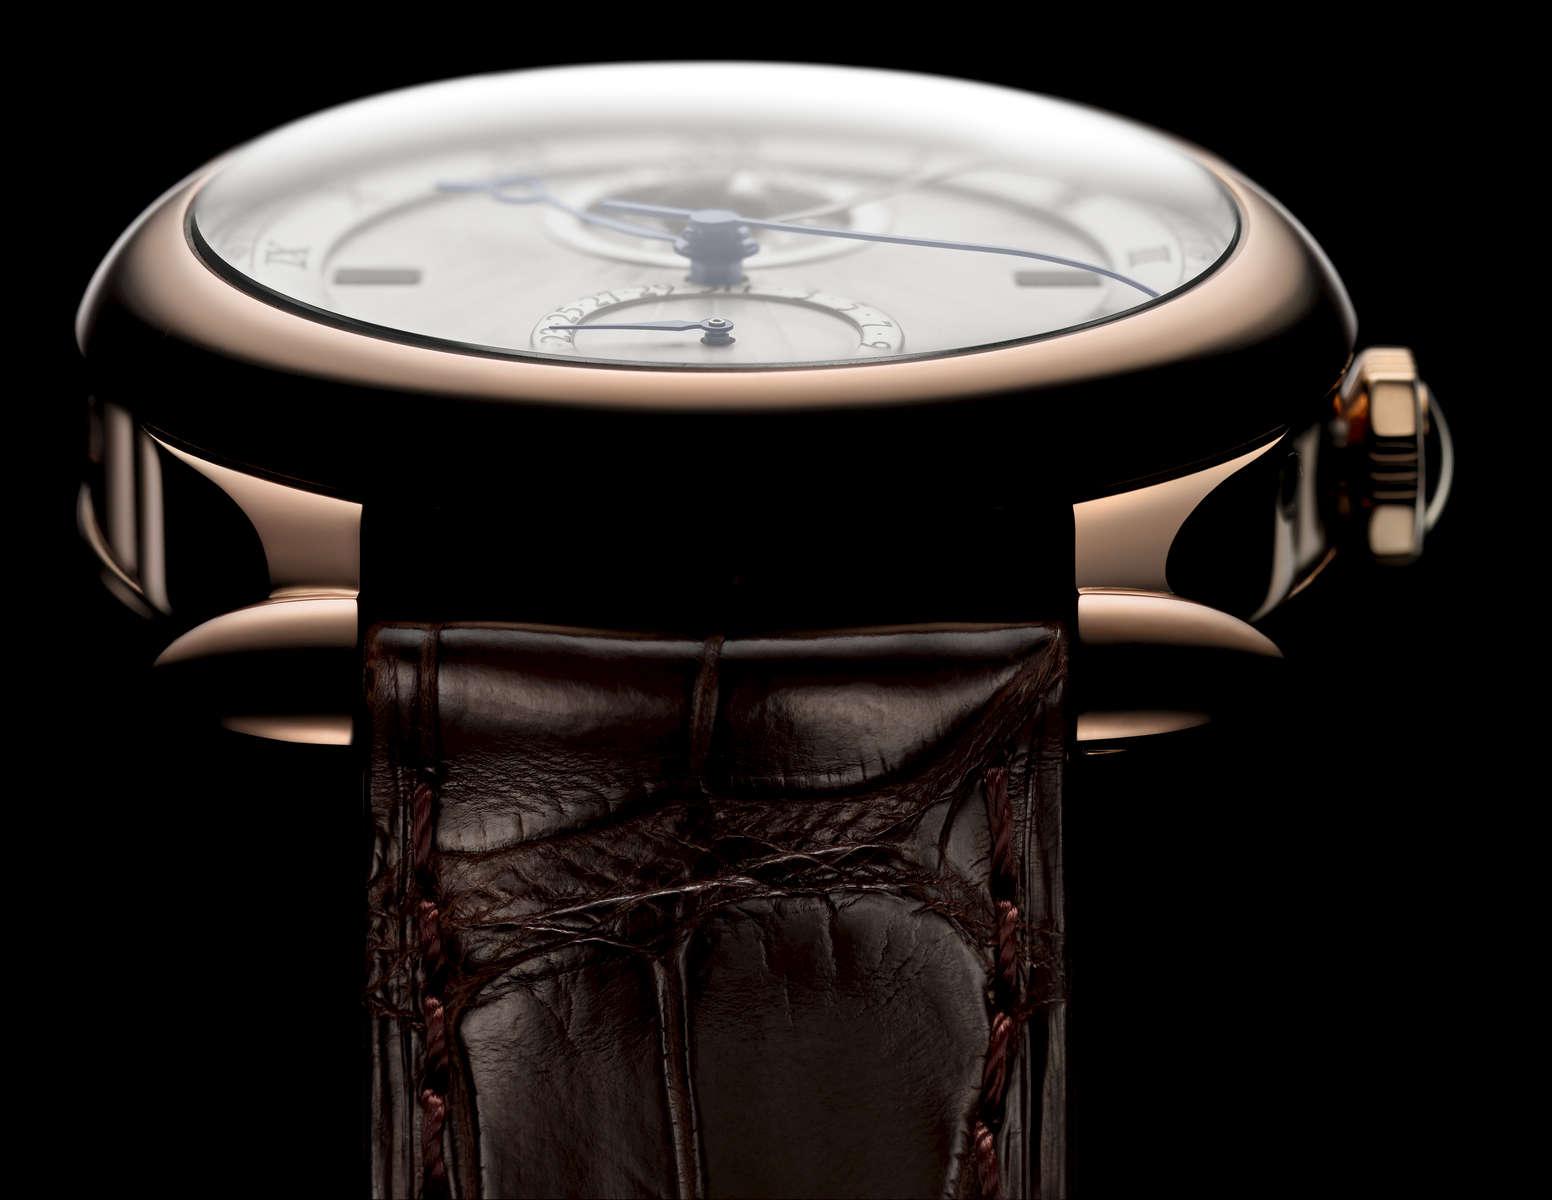 horlogerie #6